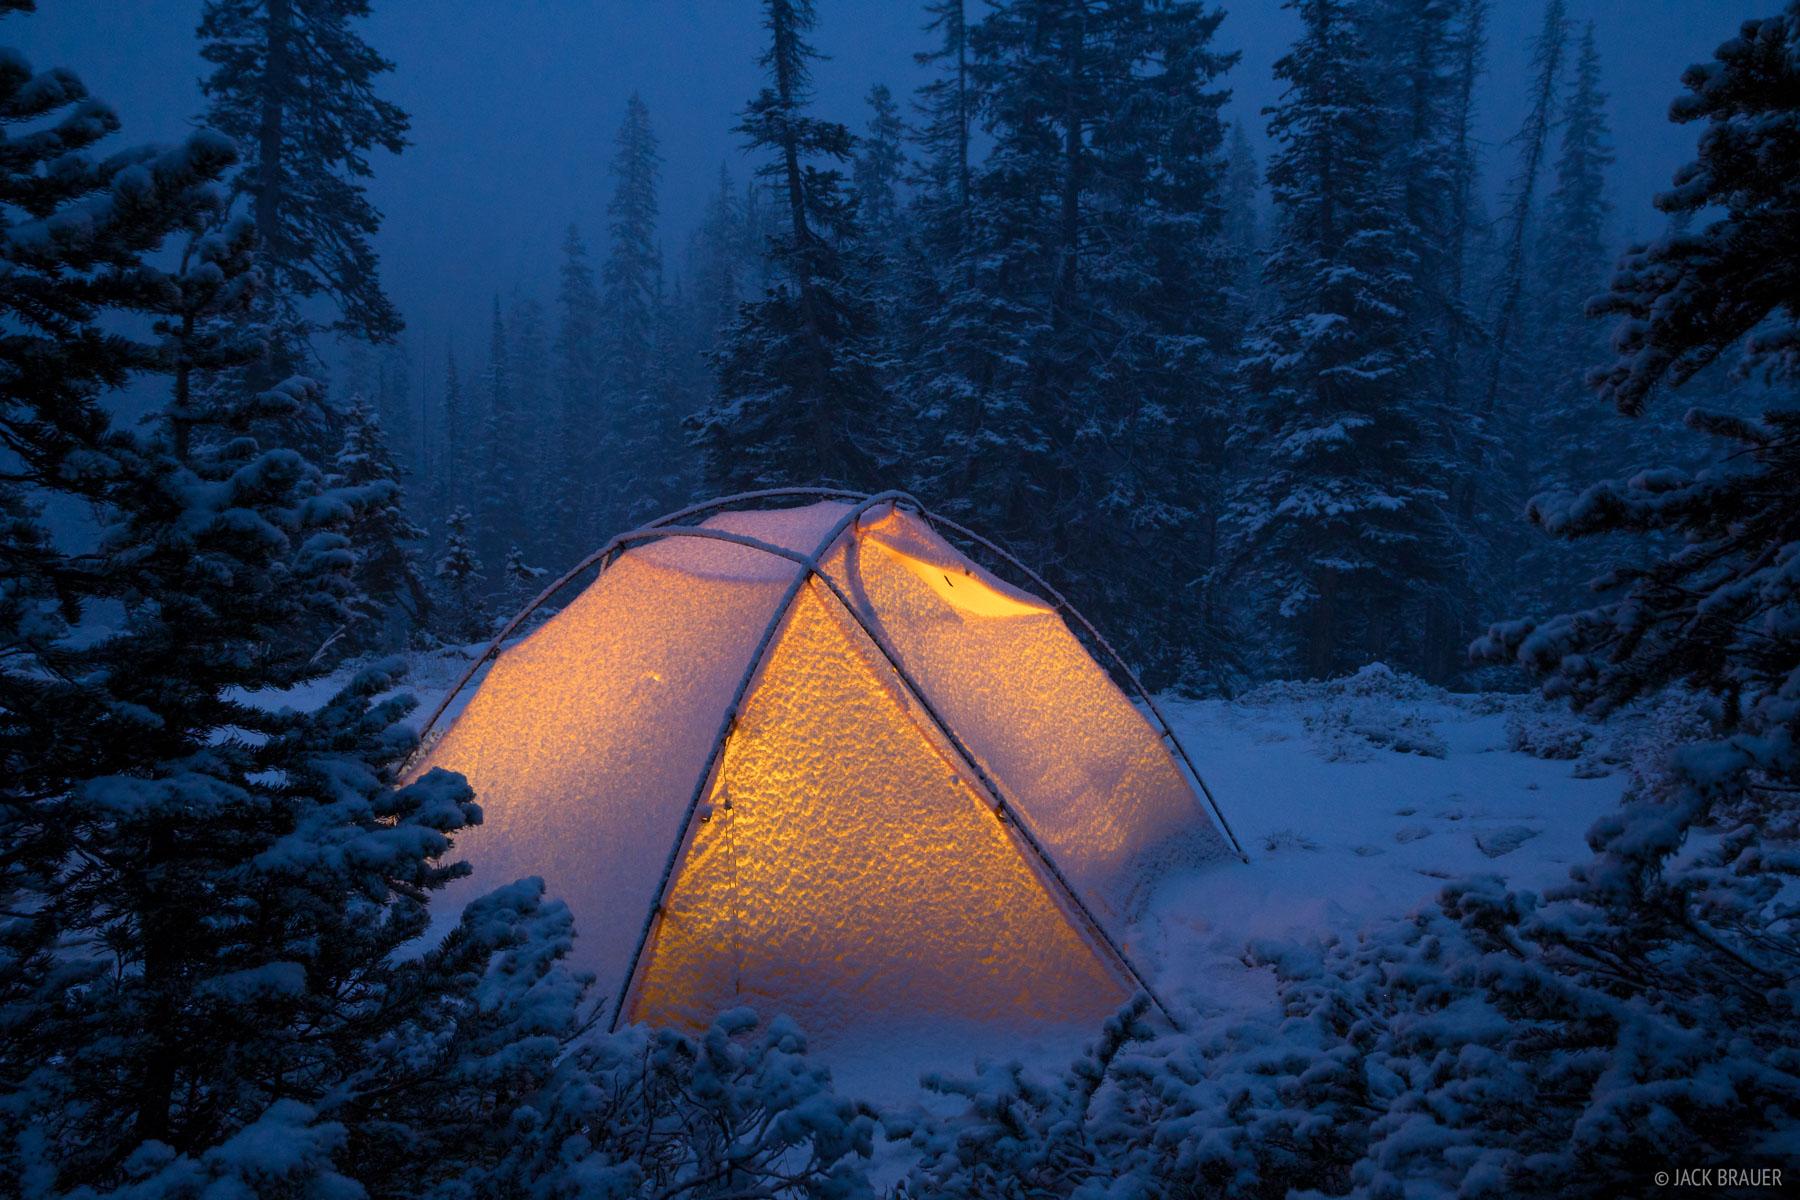 Colorado, Indian Peaks, Lone Eagle Peak, tent, Indian Peaks Wilderness, snow, photo